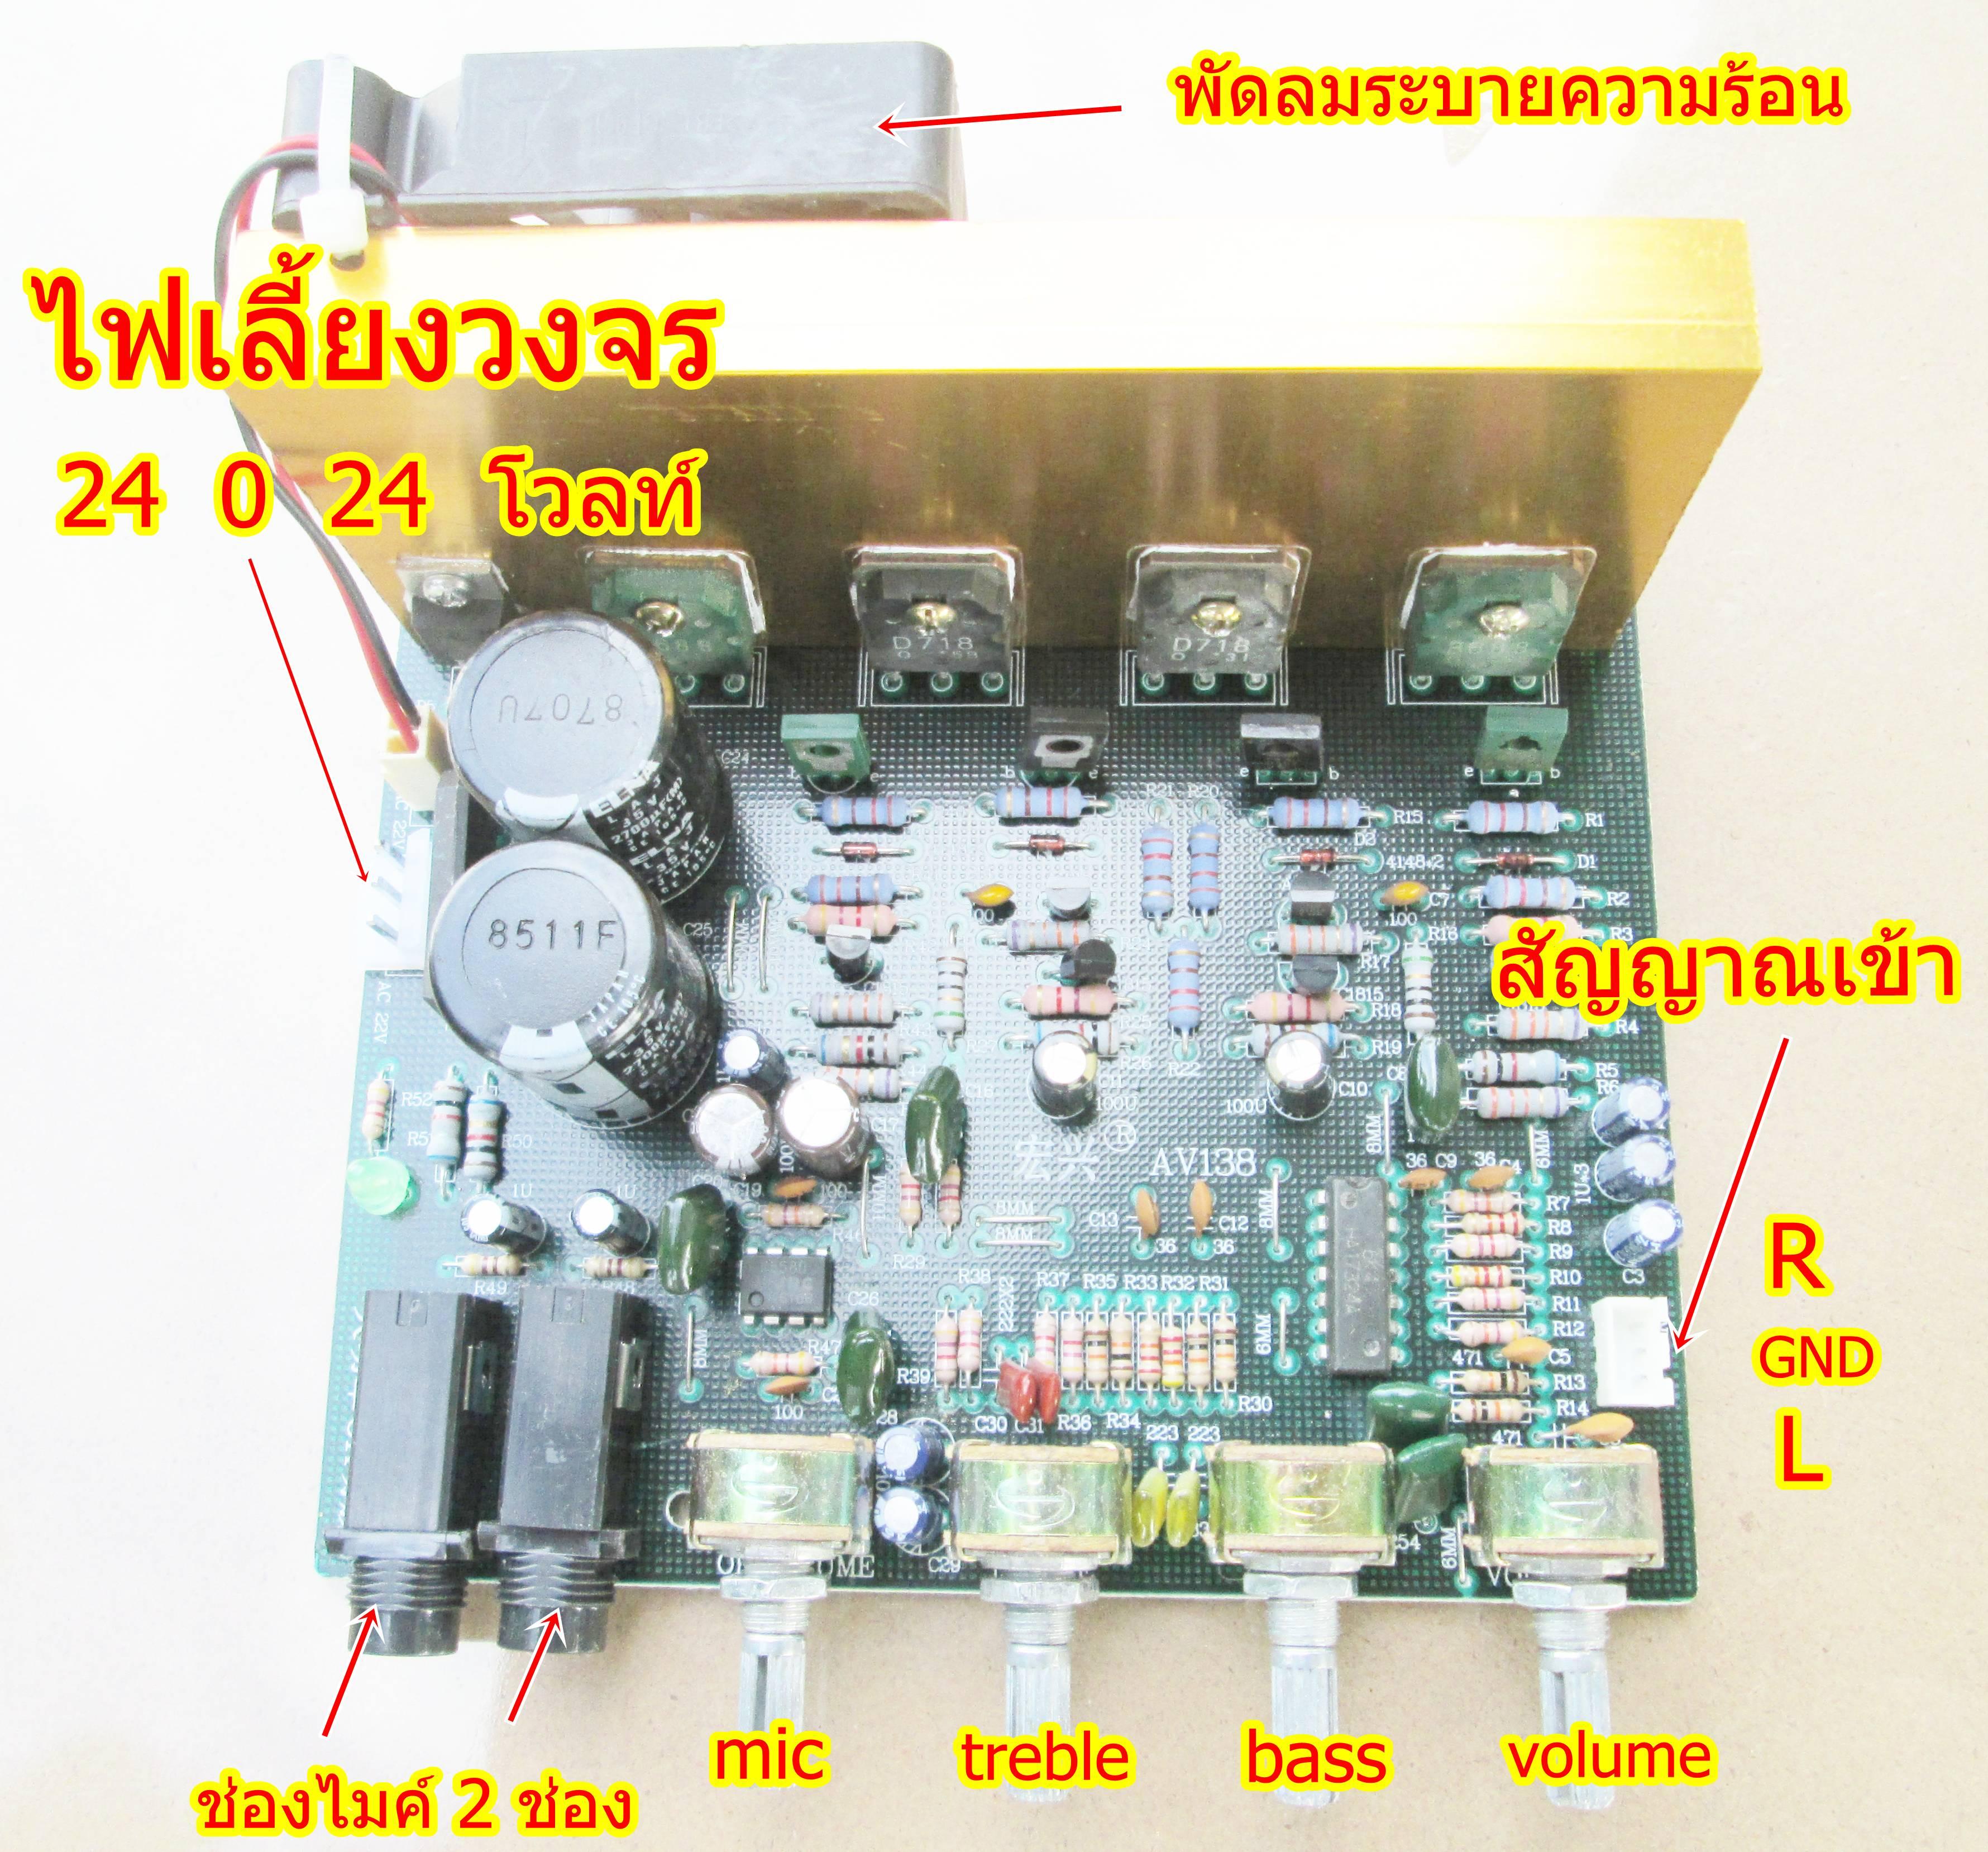 เครื่องขยายเสียง power amp 200 + 200 w  4 โอหม์  บอร์ดเปลีอย  349 บาท